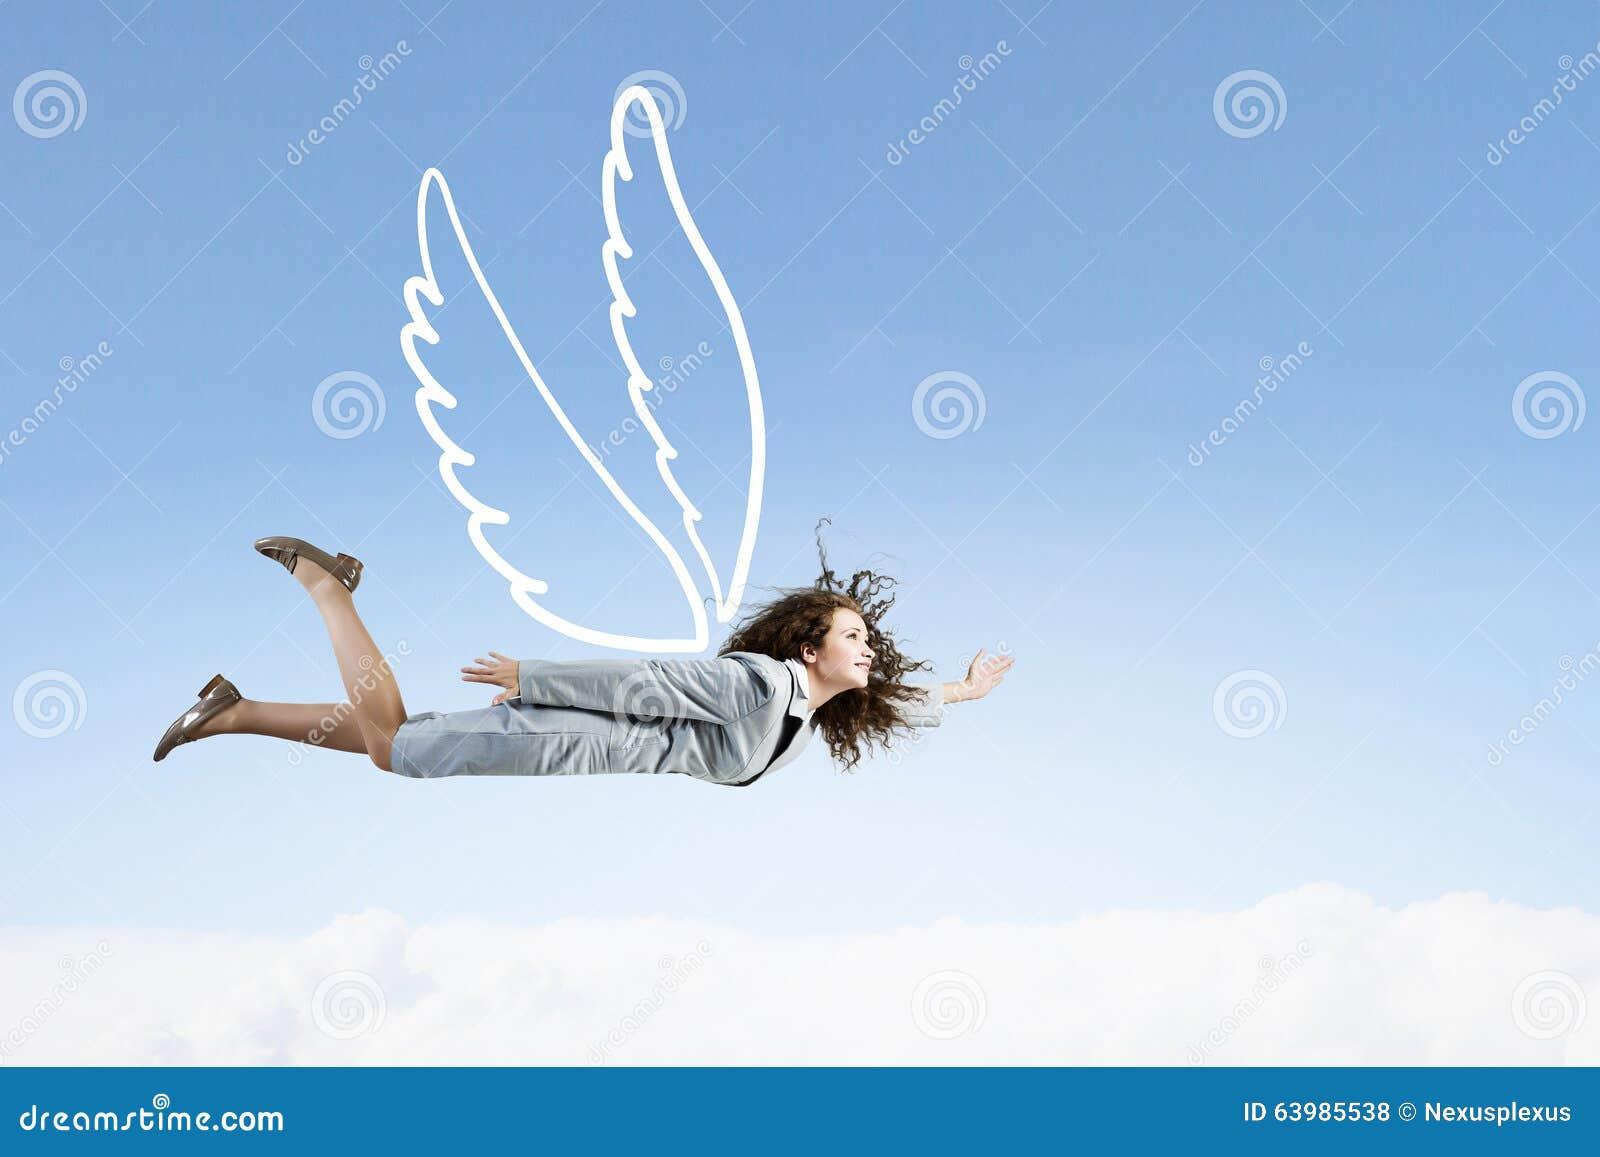 Woman Flying High Stock Photo. Image Of Girl ...